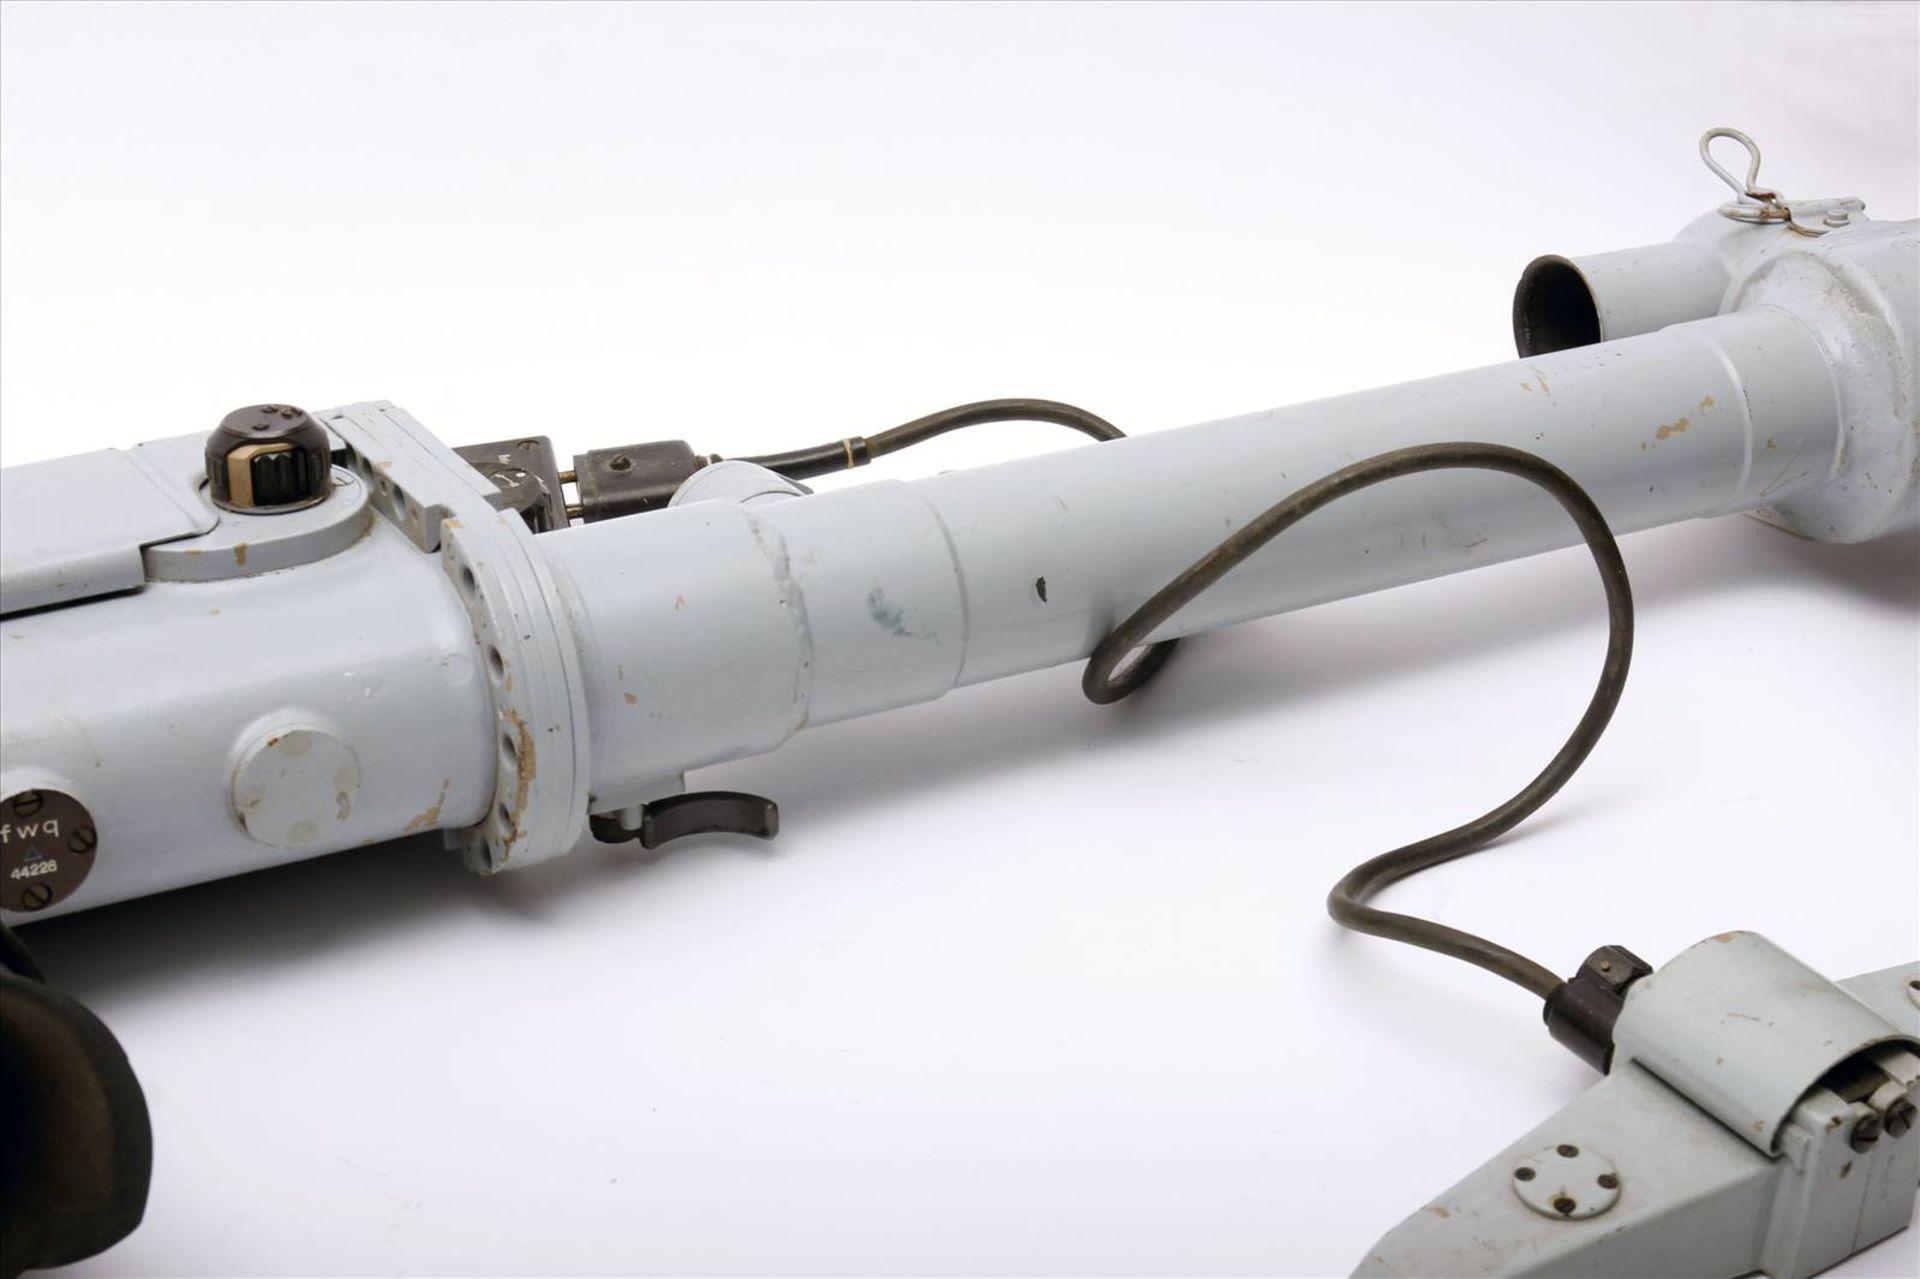 Entfernungsmesser WehrmachtEntfernungsmesser mit allen Teilen. Maße 1420 mm x 320 mm. - Bild 3 aus 3